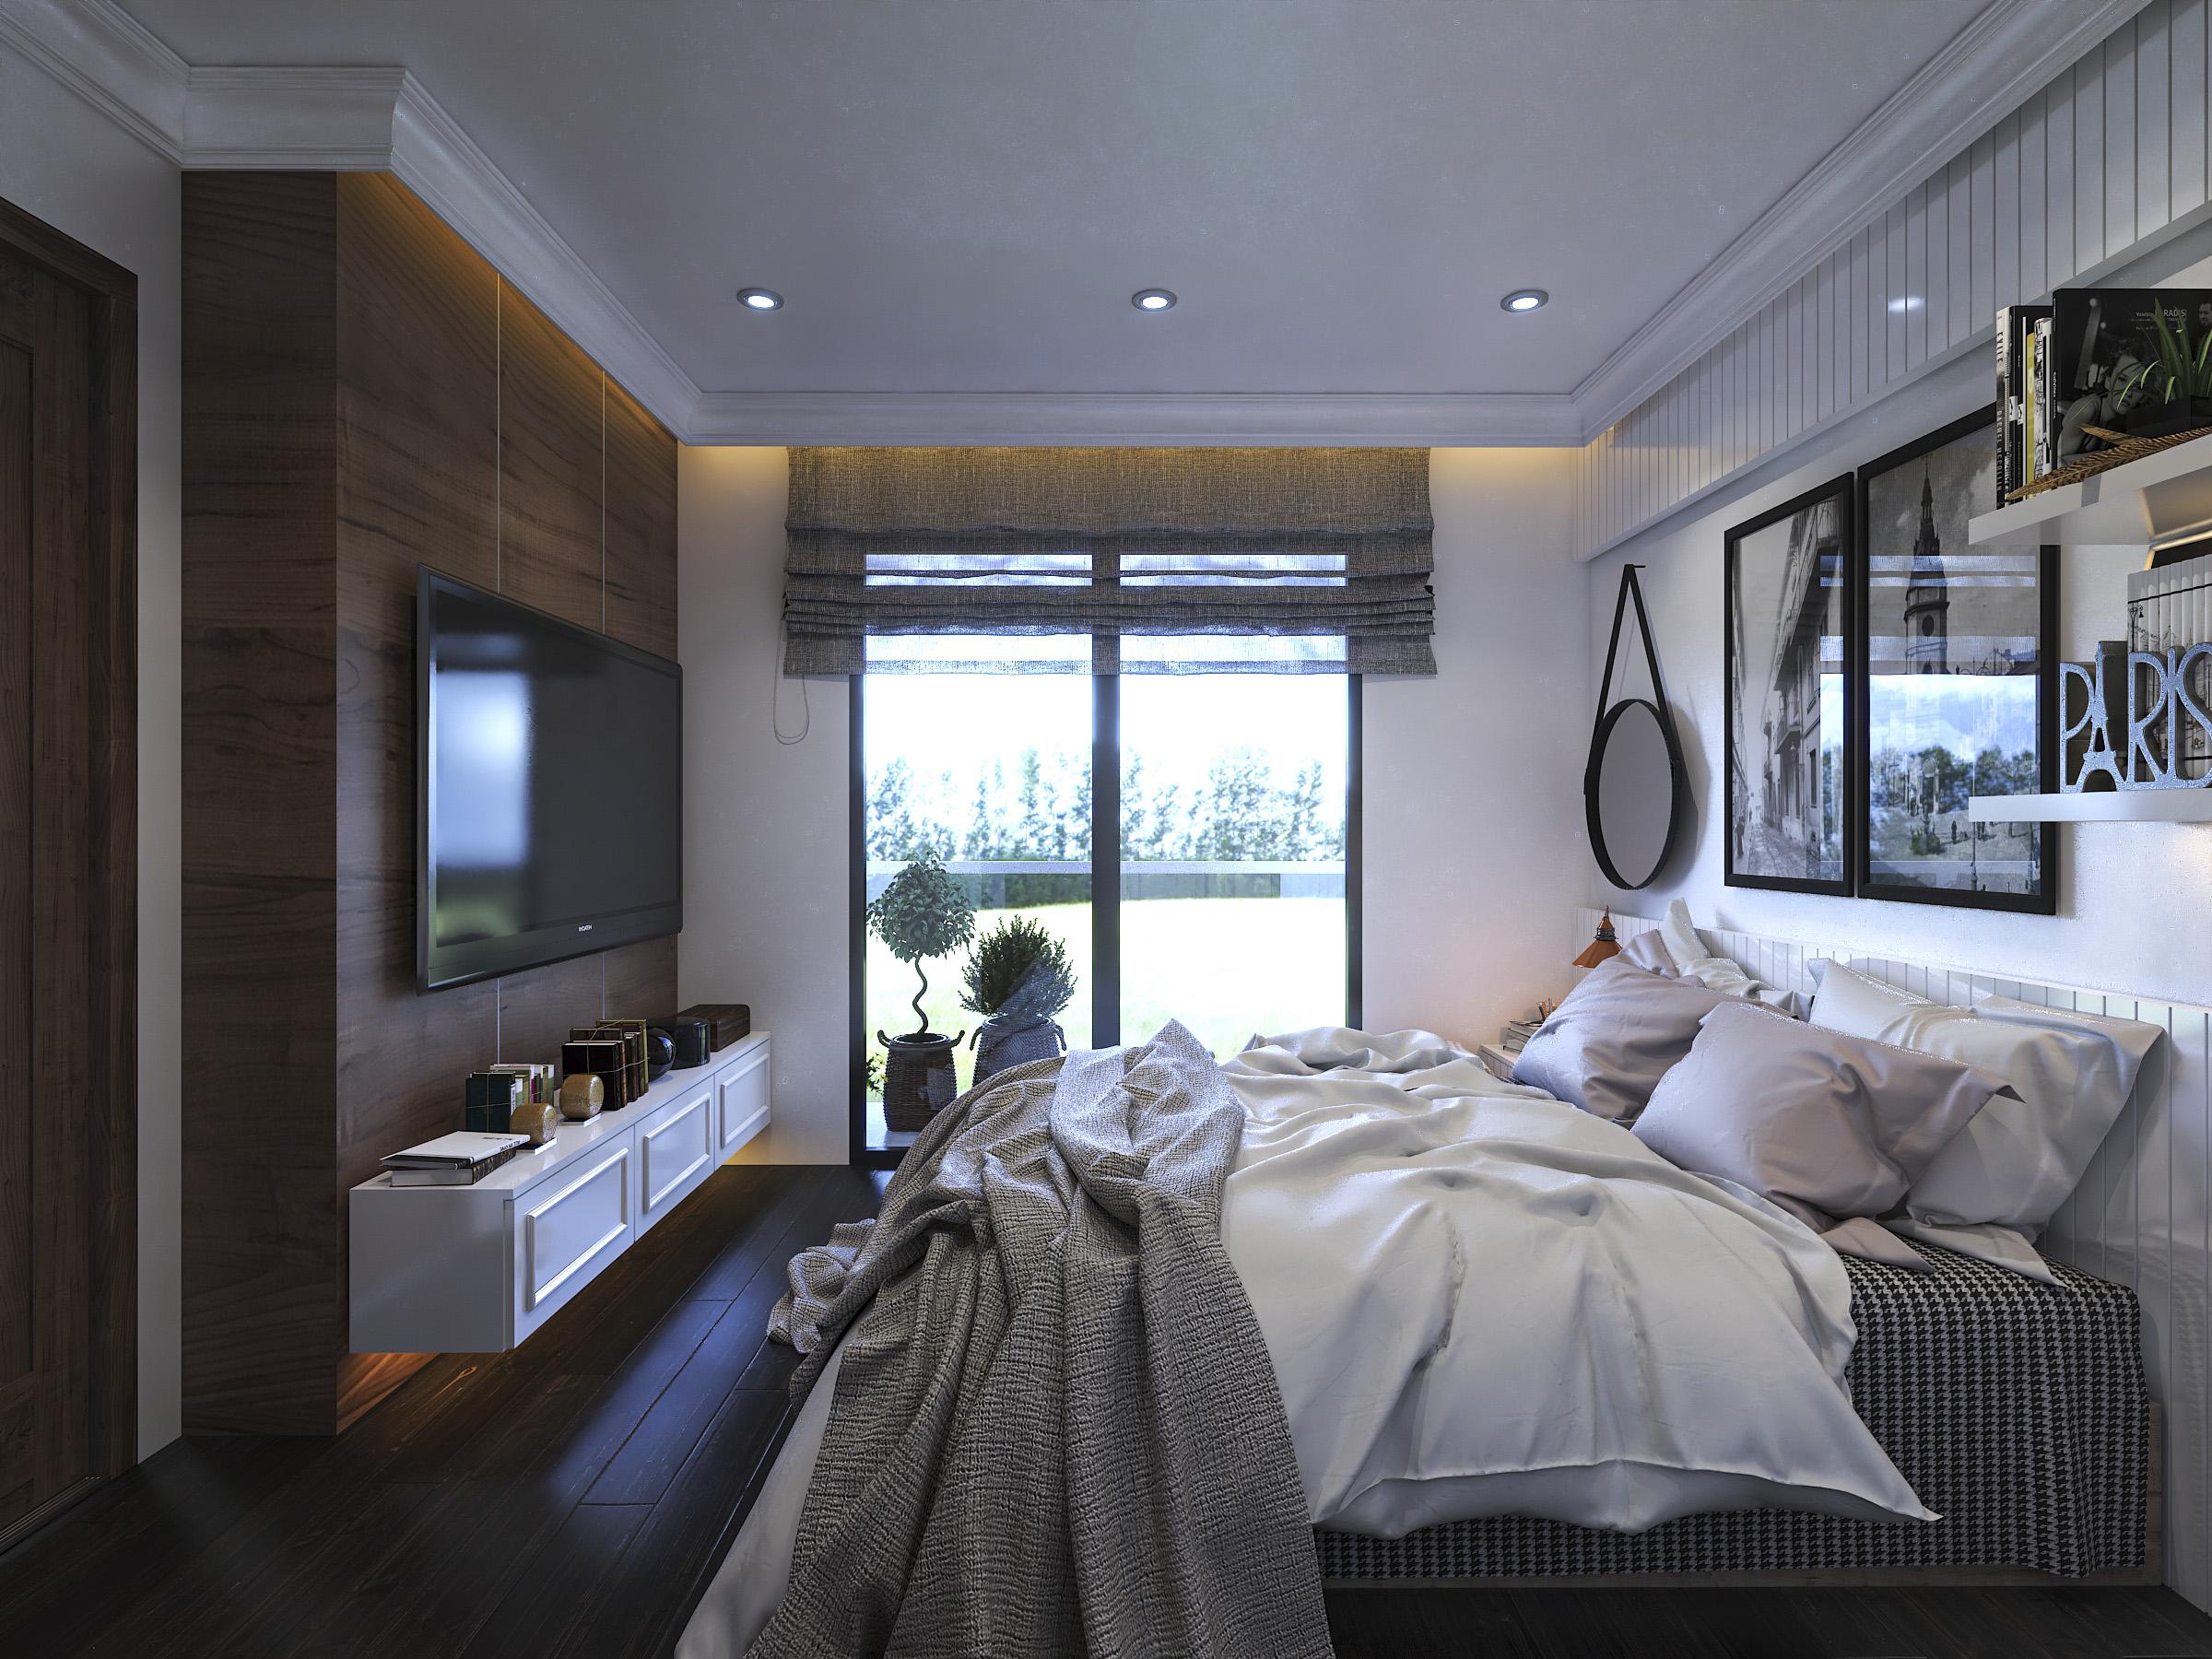 Thiết kế nội thất Chung Cư tại Hồ Chí Minh Ms Liên's Apartment 1592323882 19